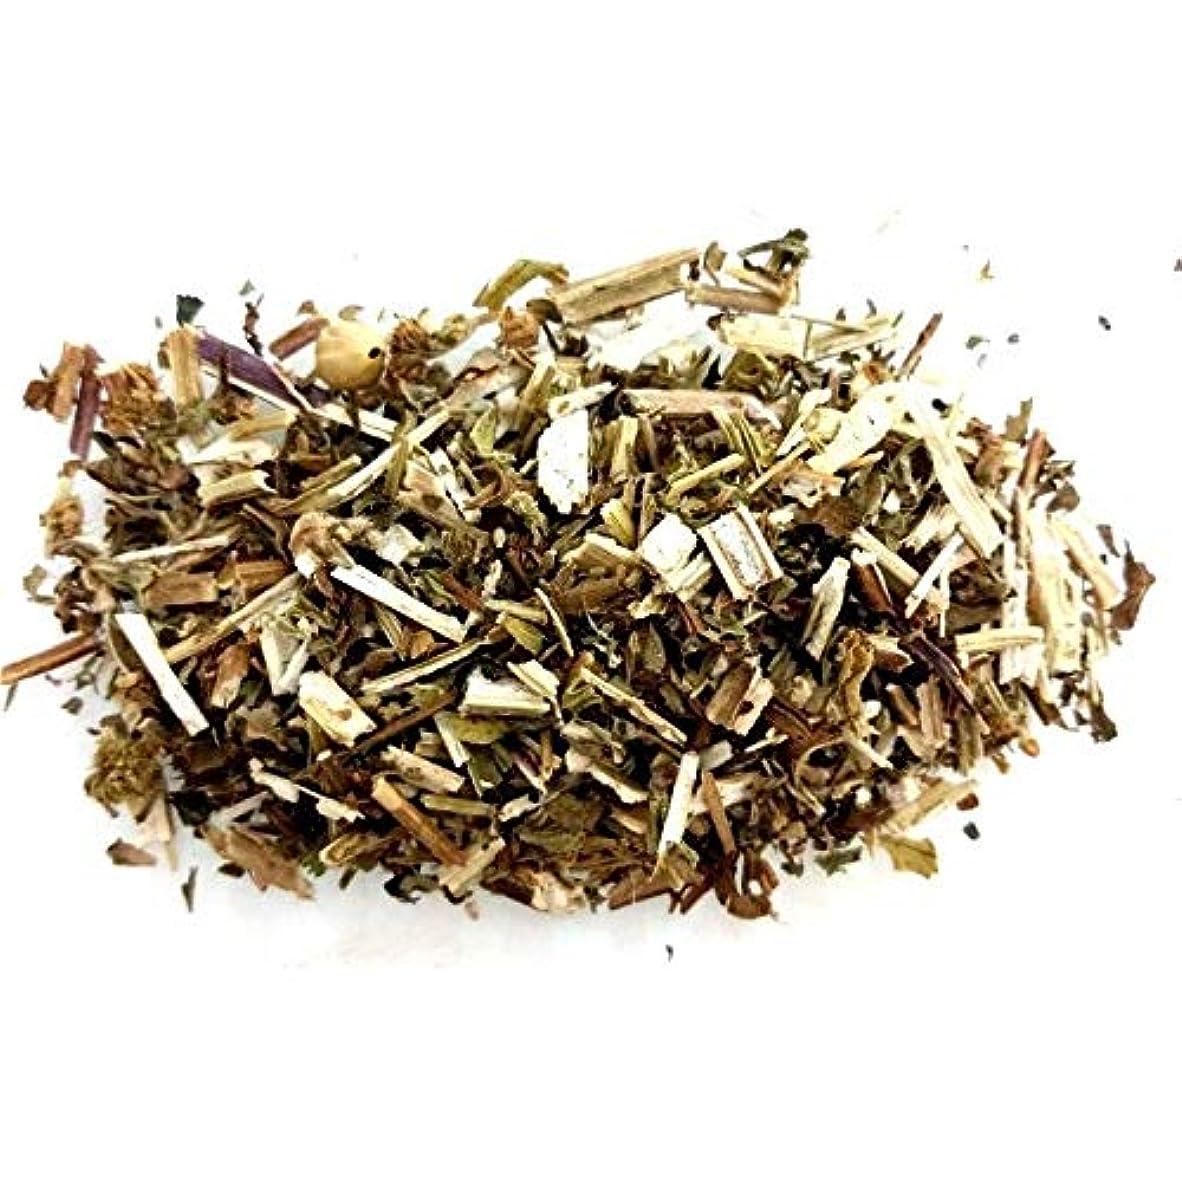 十年タイヤ沿って種子パッケージ:フレグランスMagikal Seedion儀式ウィッカパガンゴス-Incense erwort